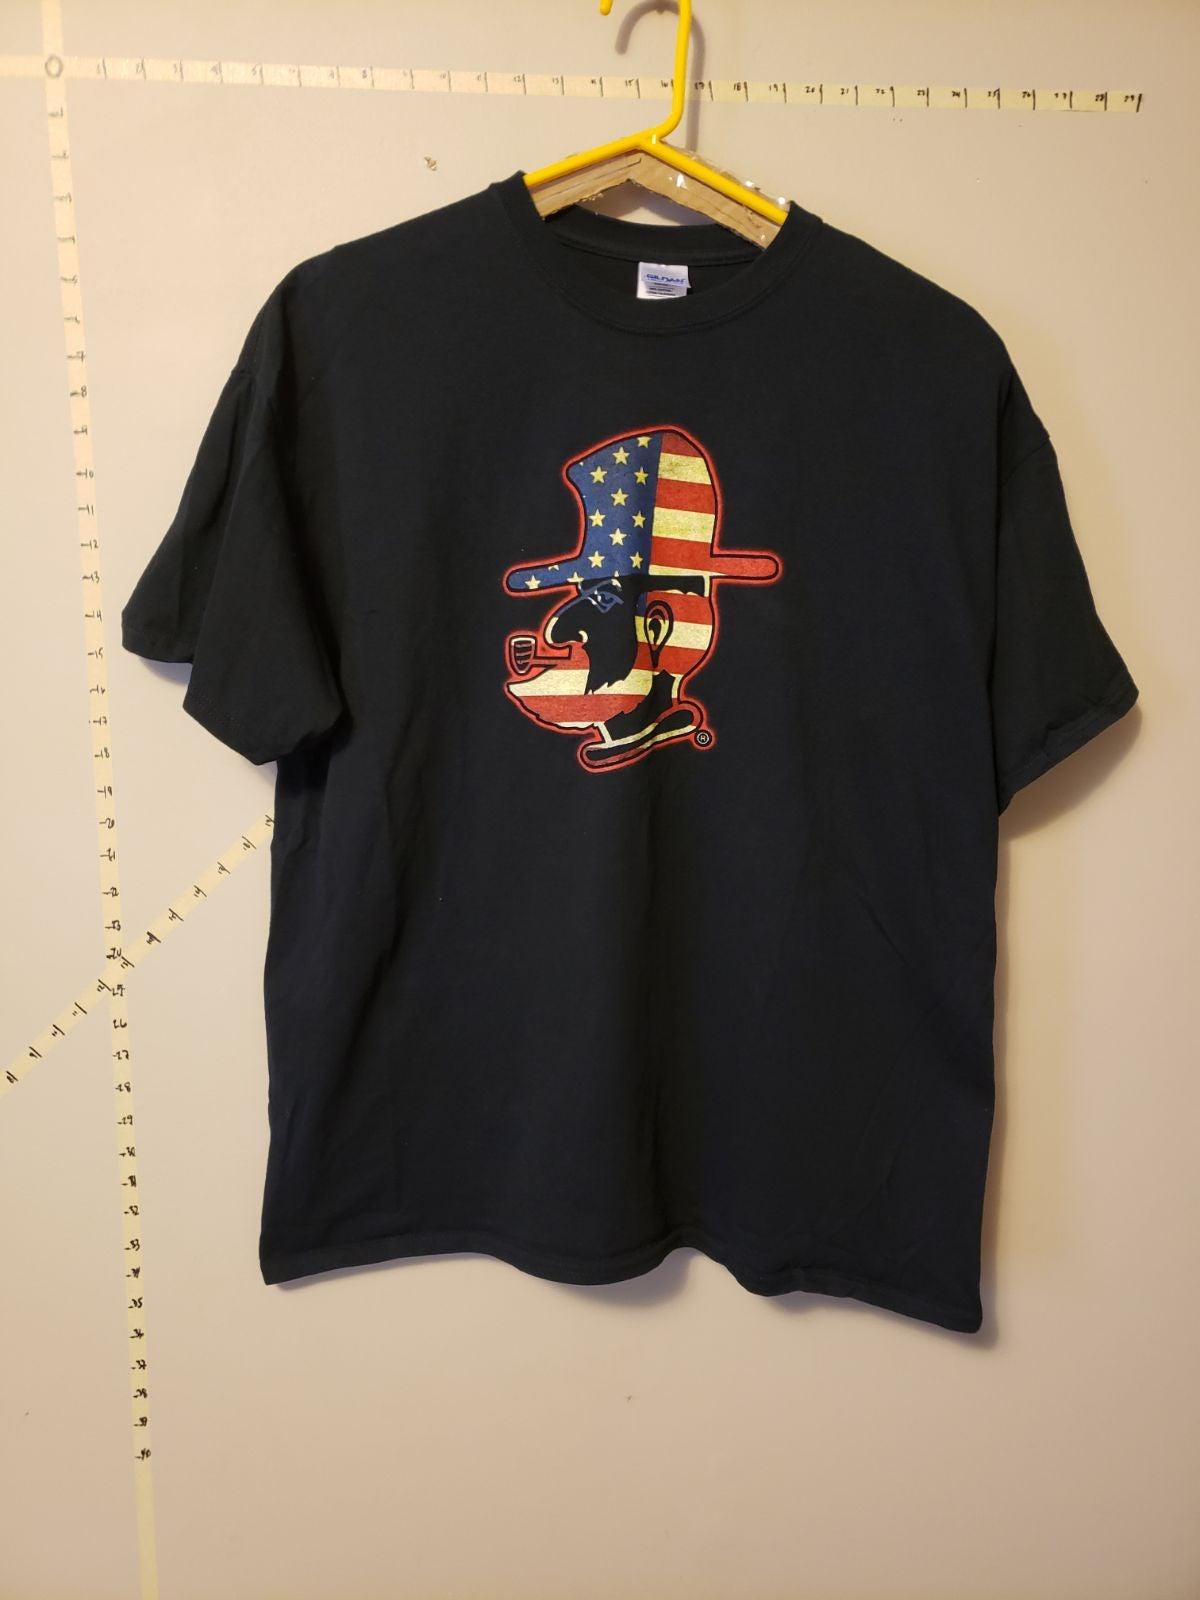 Gildan Black Graphic Tshirt